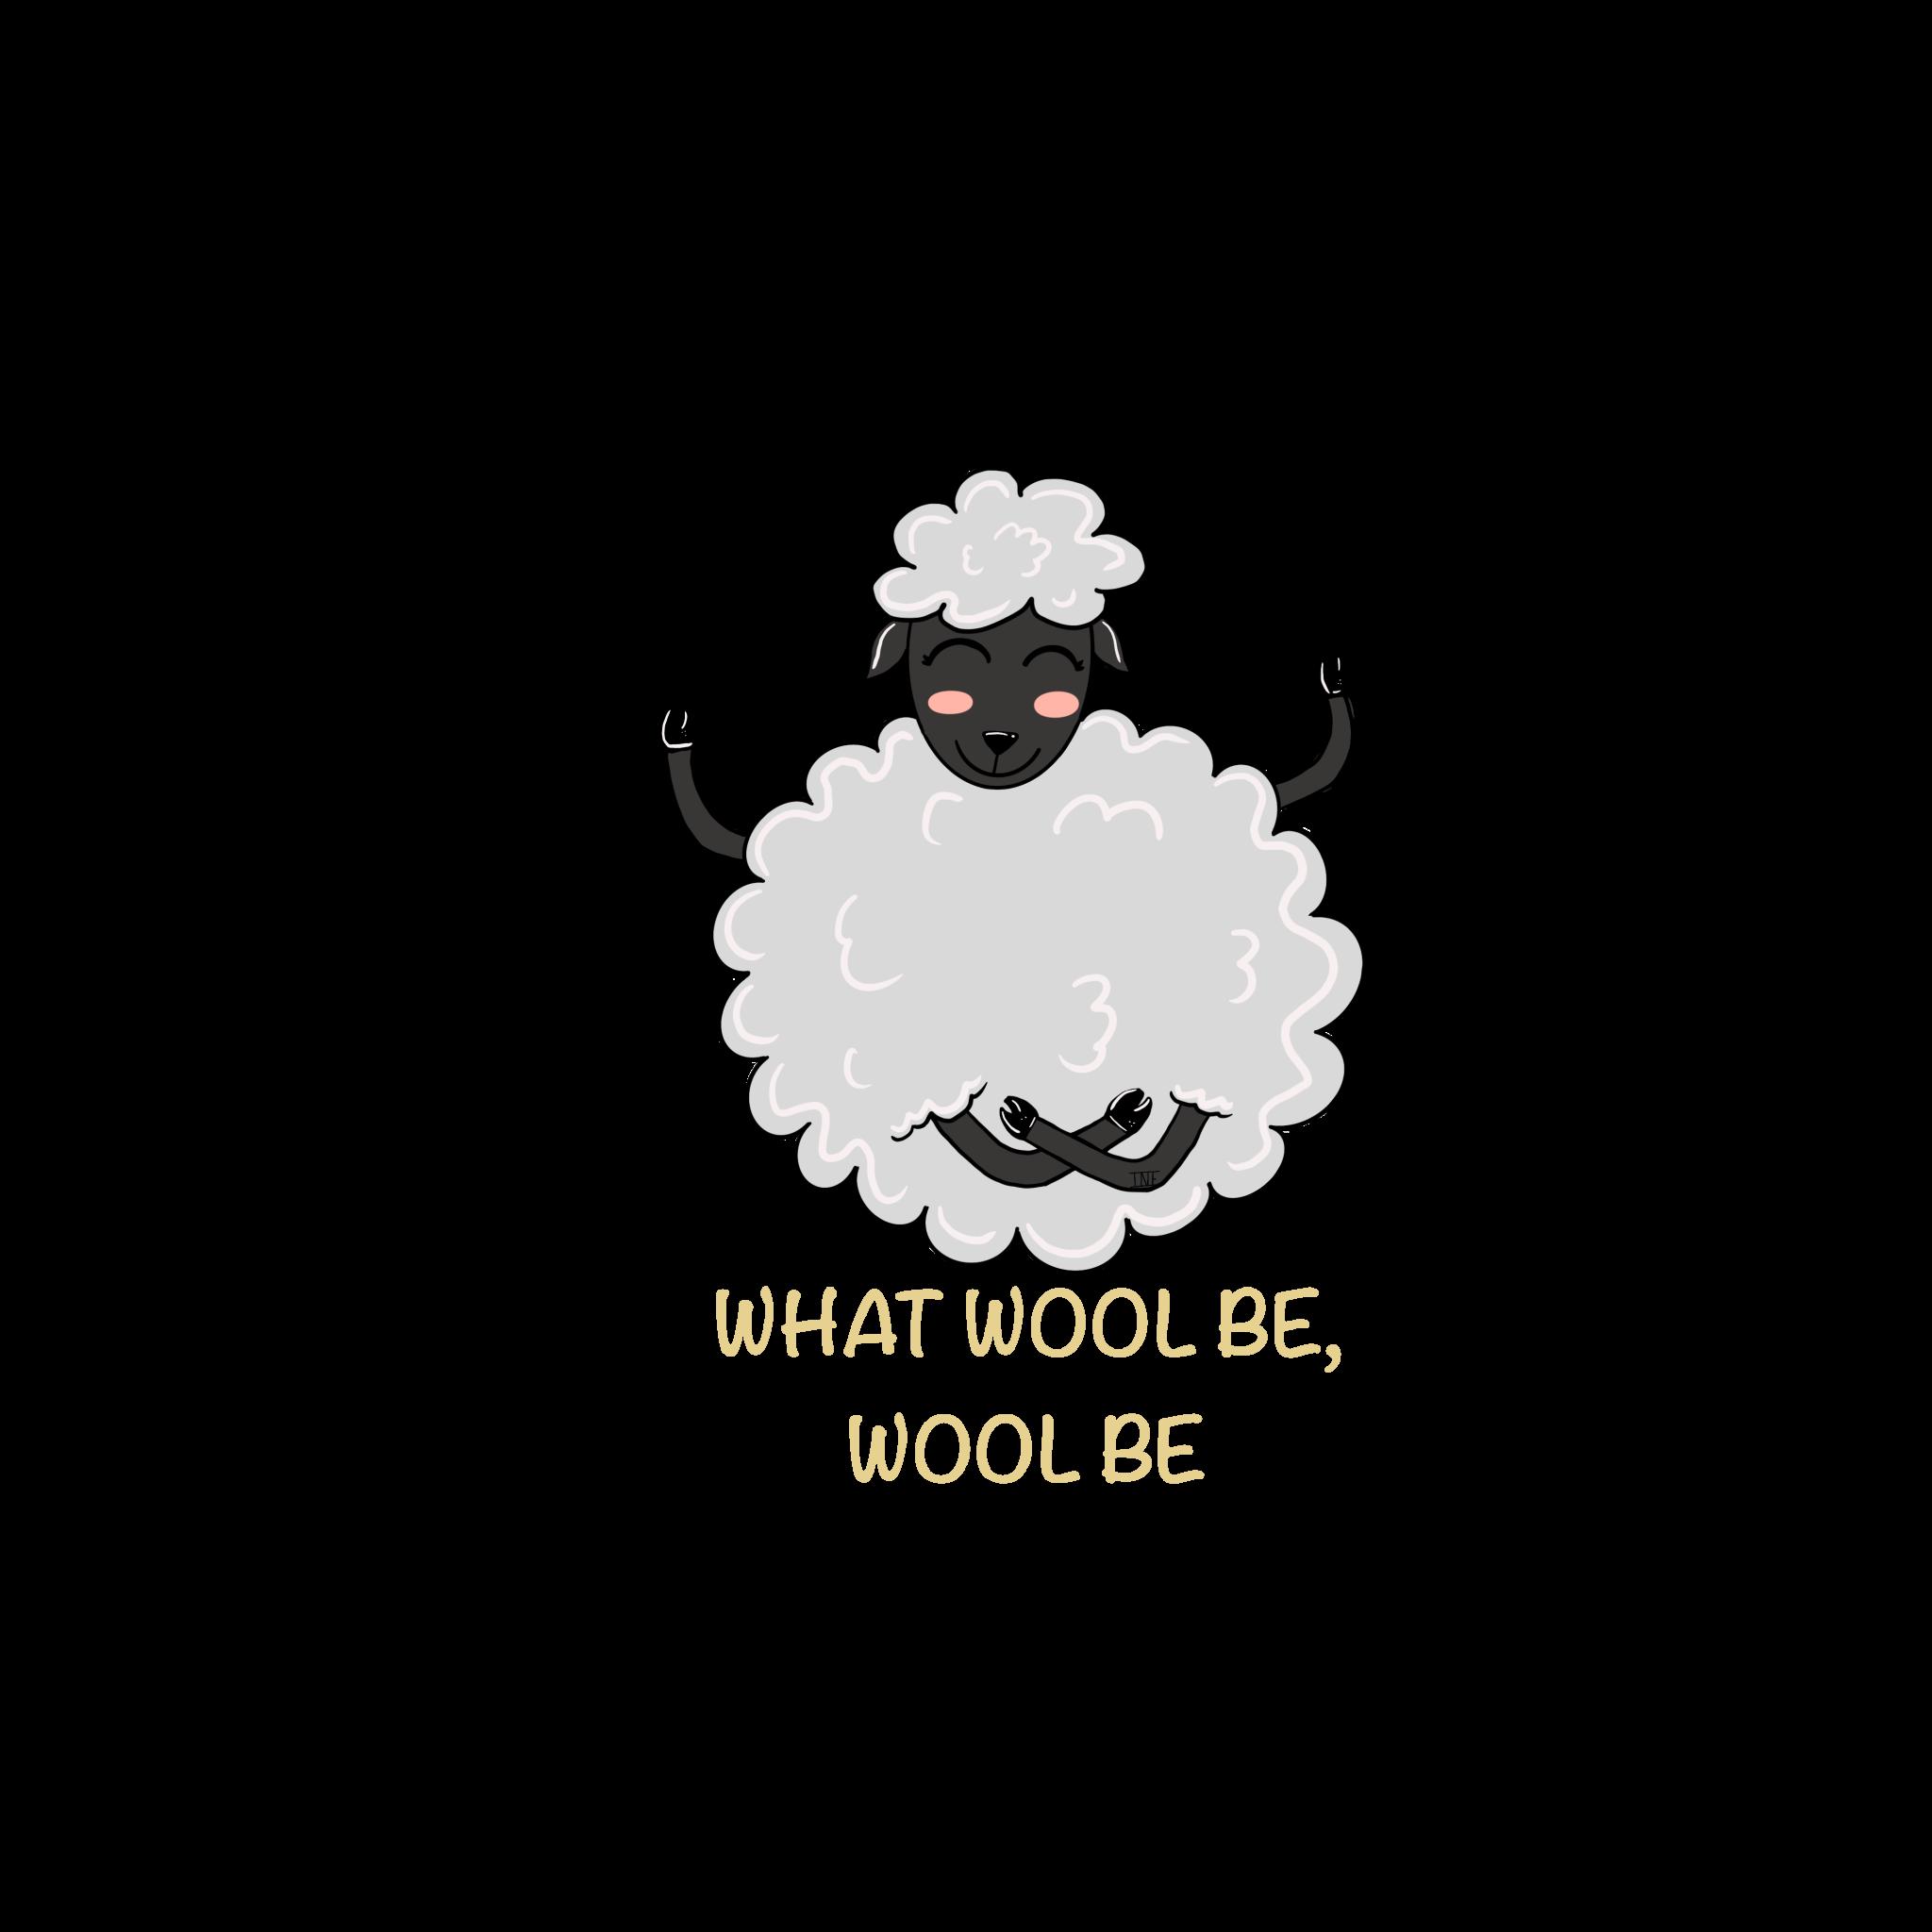 Yoga Sheep Sticker: Transparent